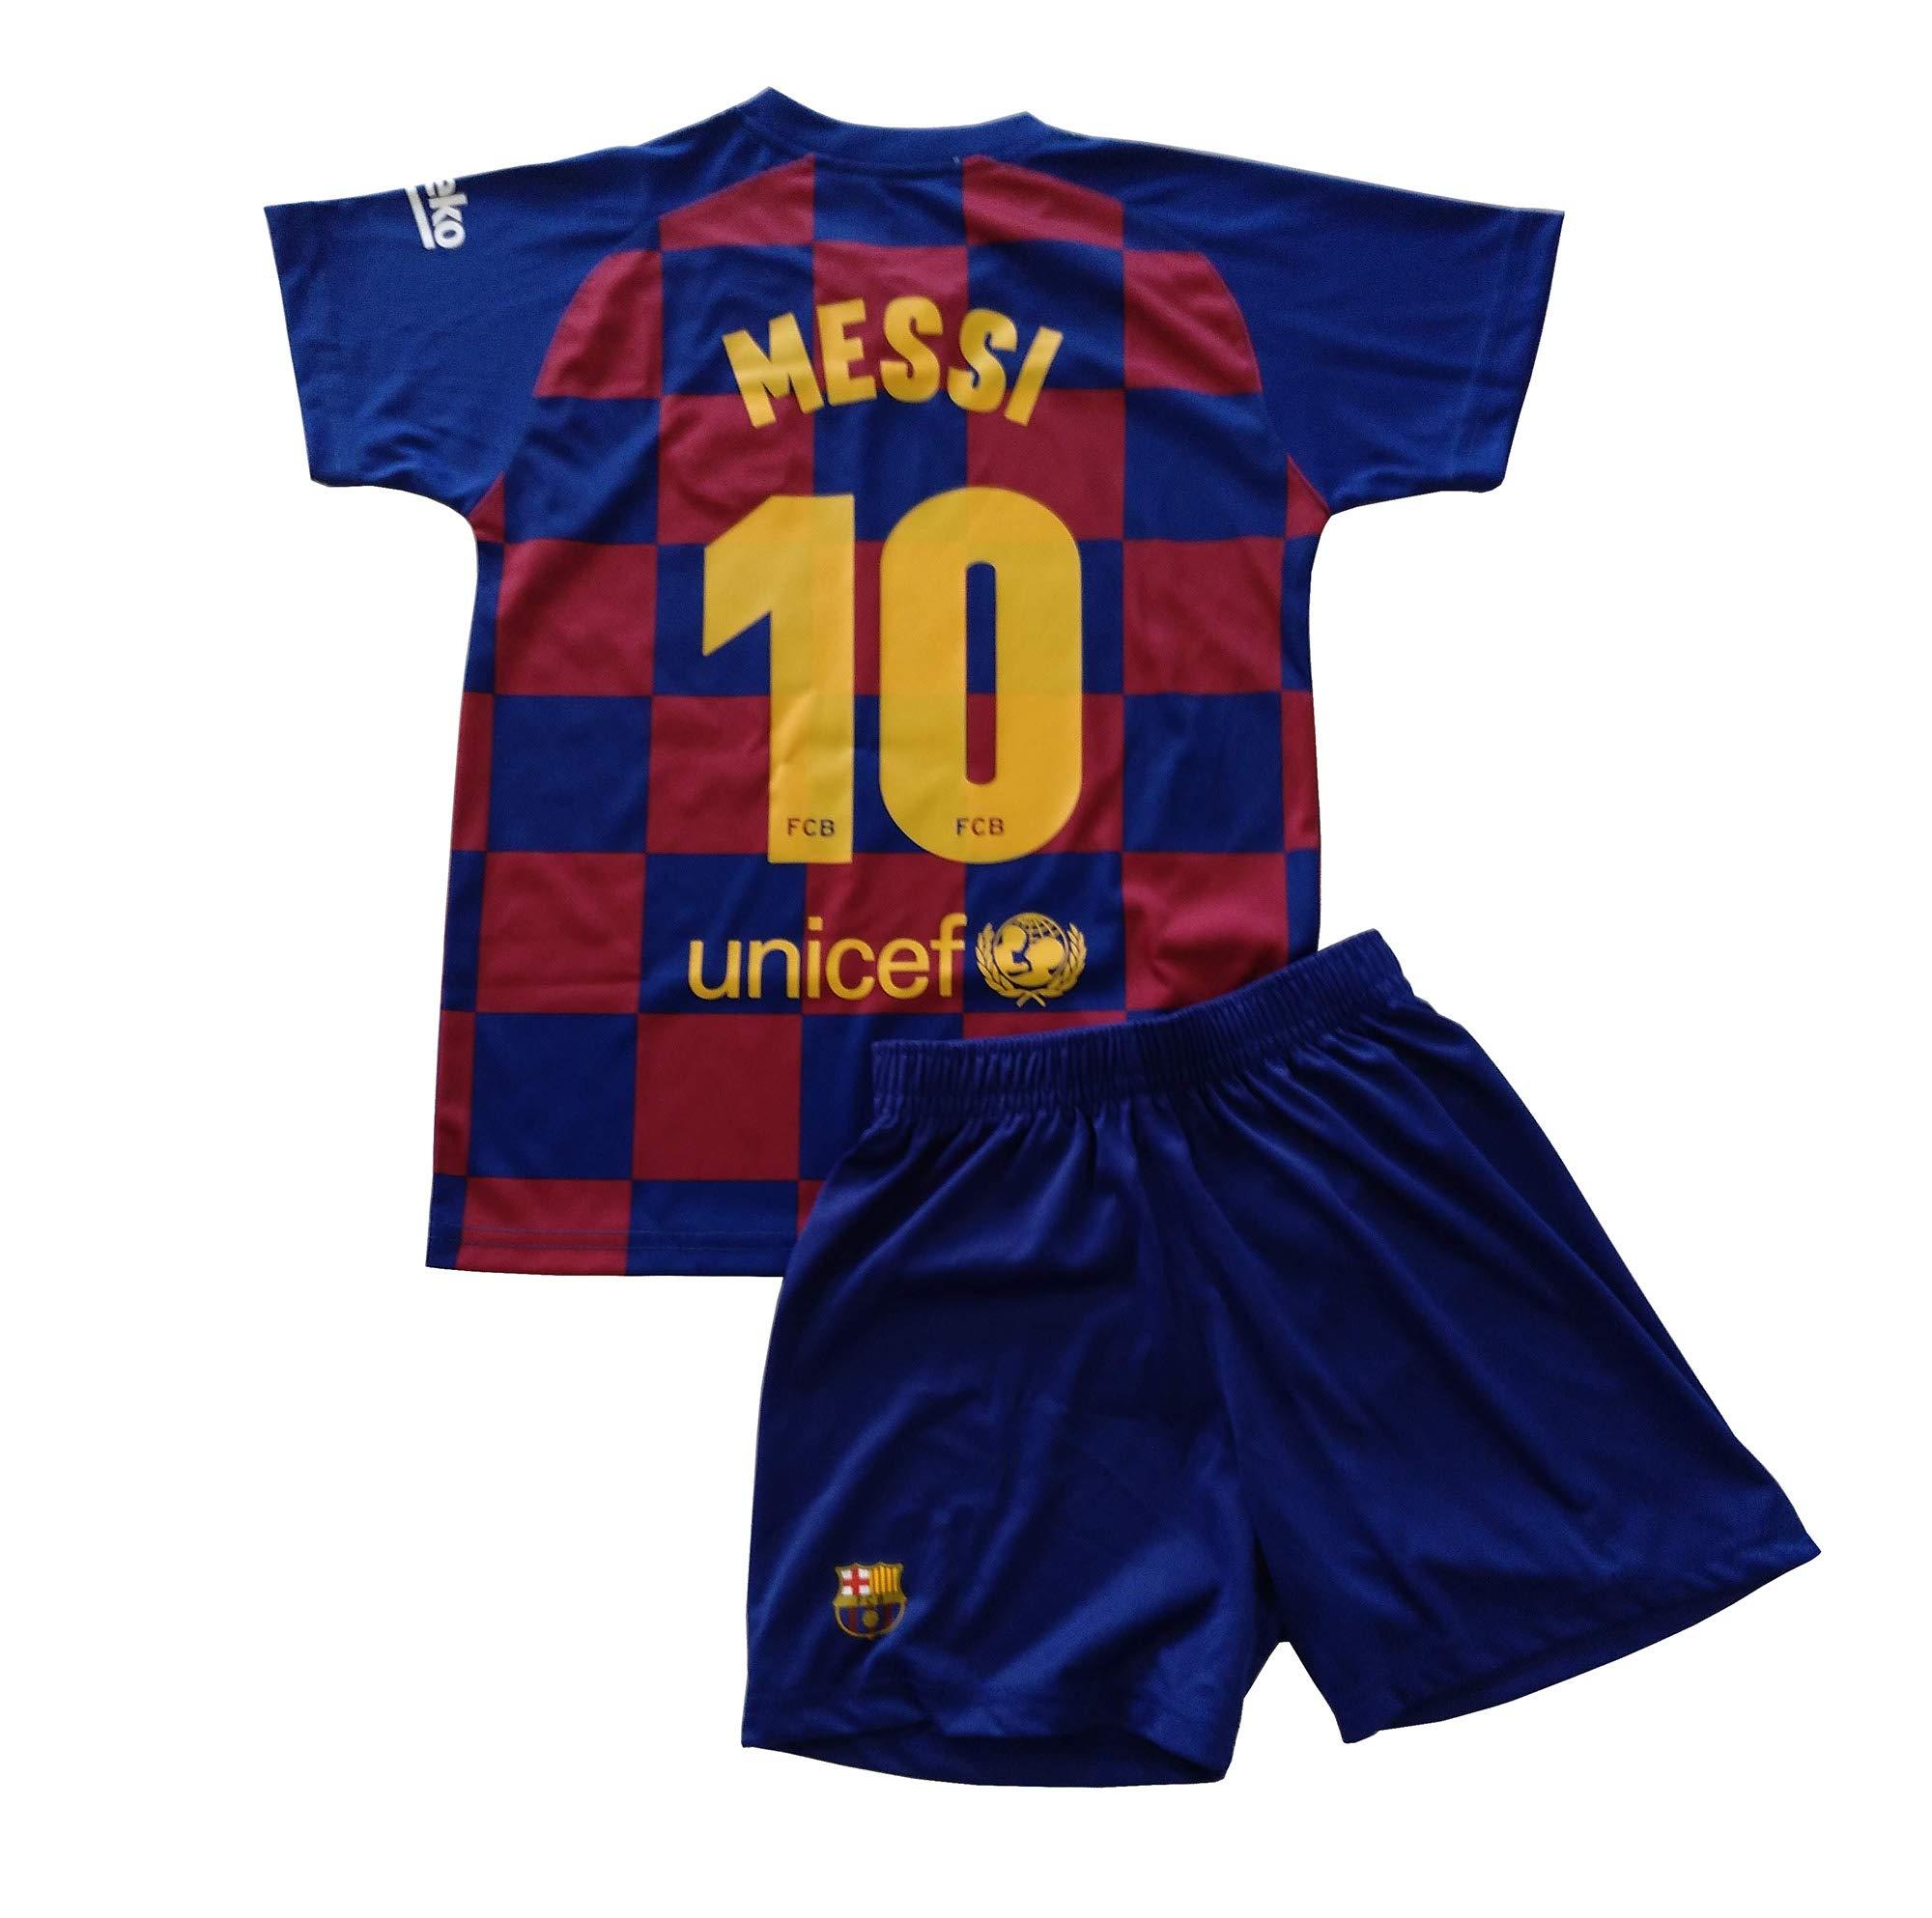 FCB Conjunto Camiseta y Pantalón Primera Equipación Infantil Messi del FC Barcelona Producto Oficial Licenciado Temporada 2019-2020 Color Azulgrana (Azulgrana, Talla 10): Amazon.es: Deportes y aire libre